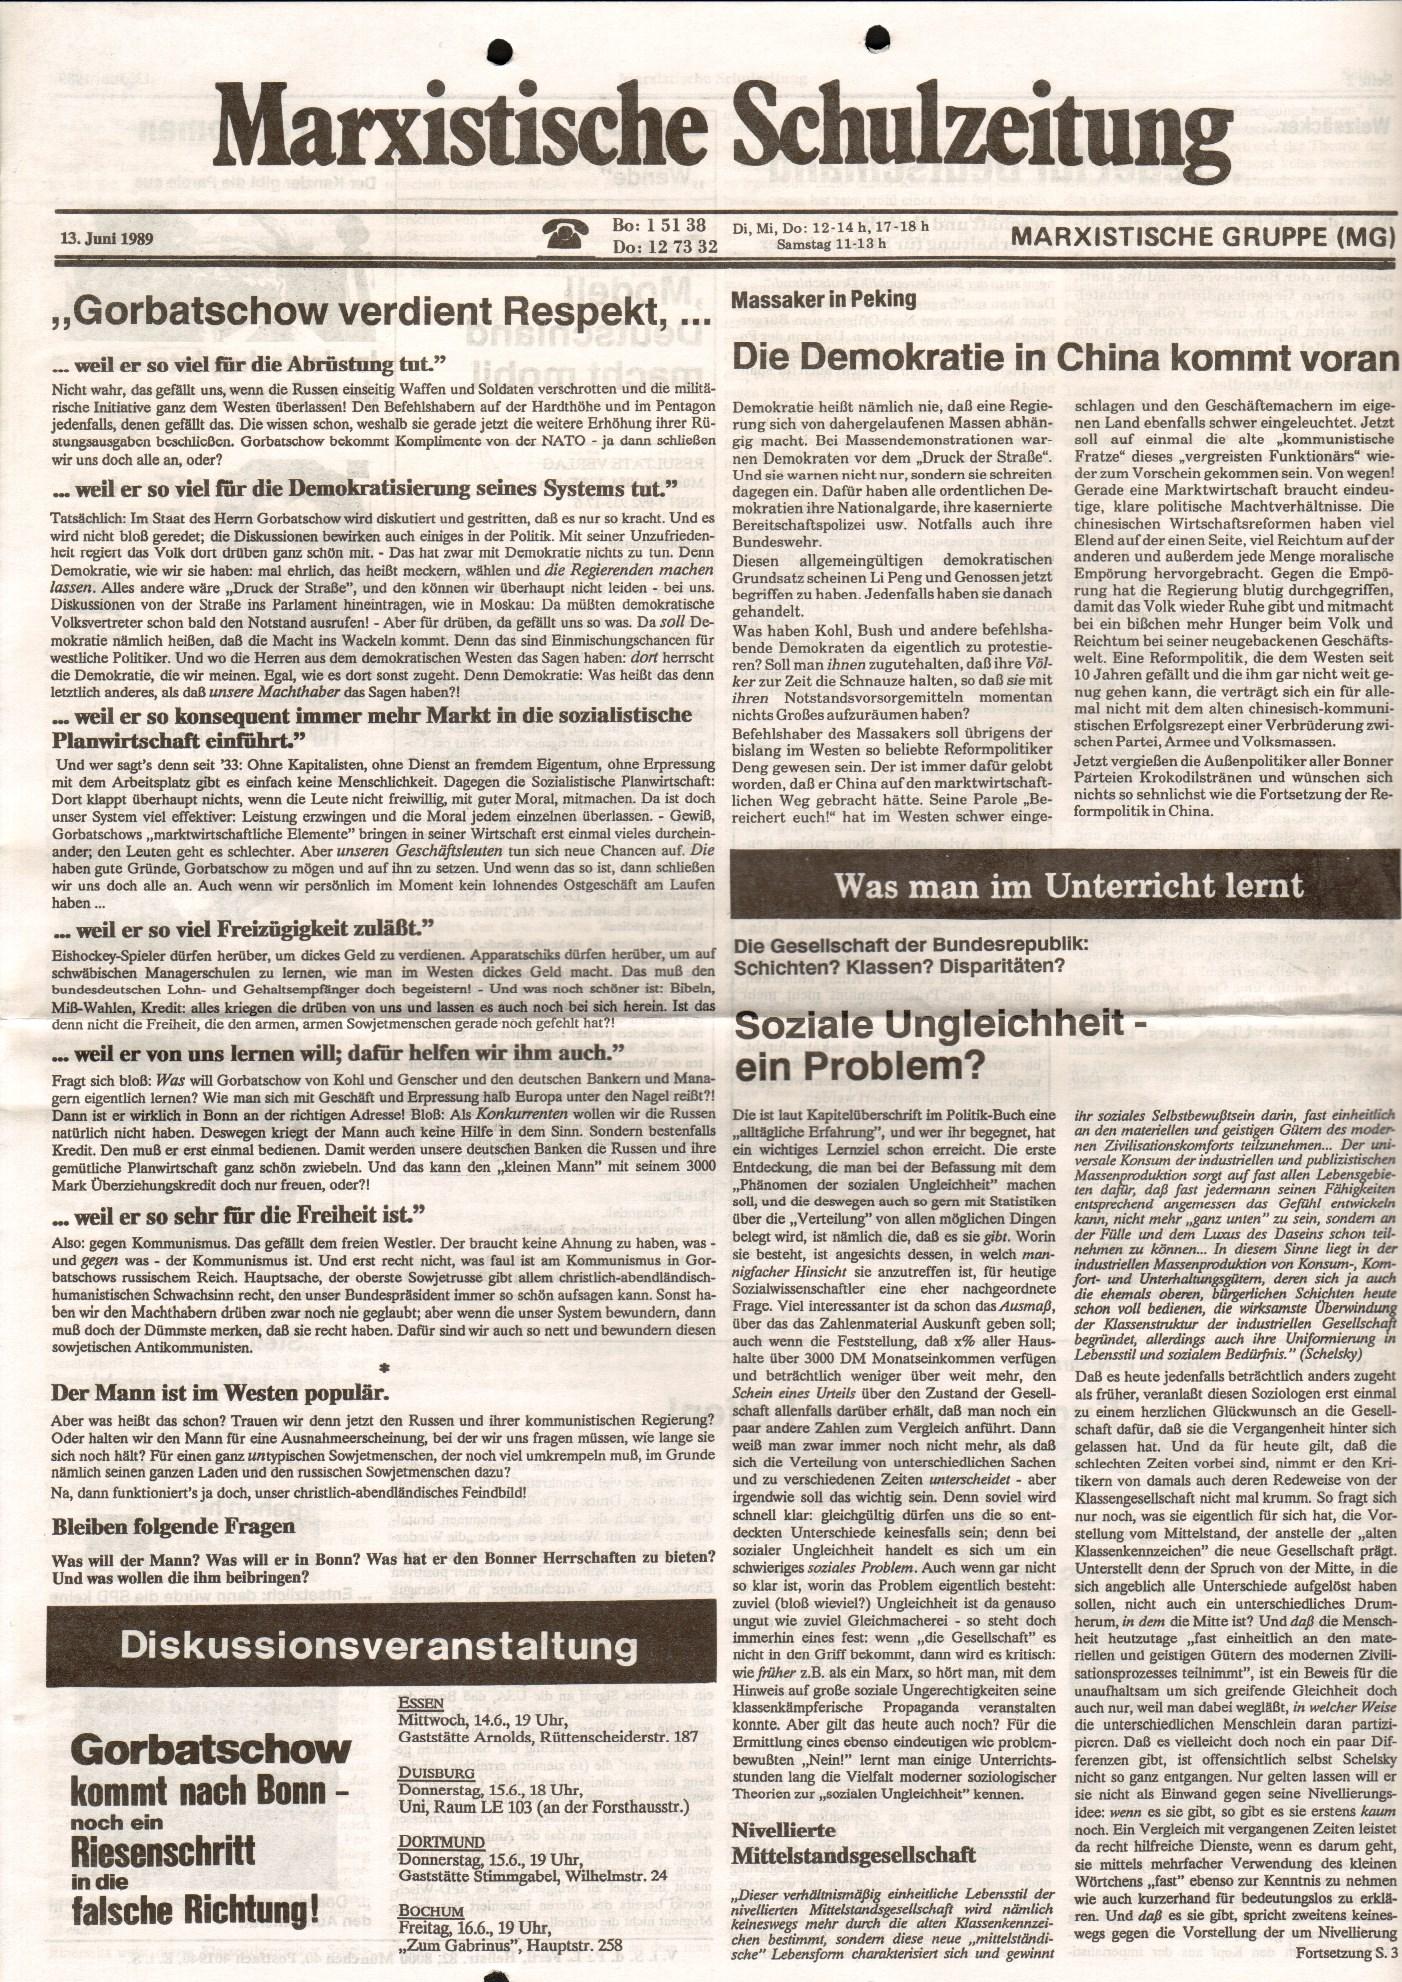 Ruhrgebiet_MG_Marxistische_Schulzeitung_19890613_01